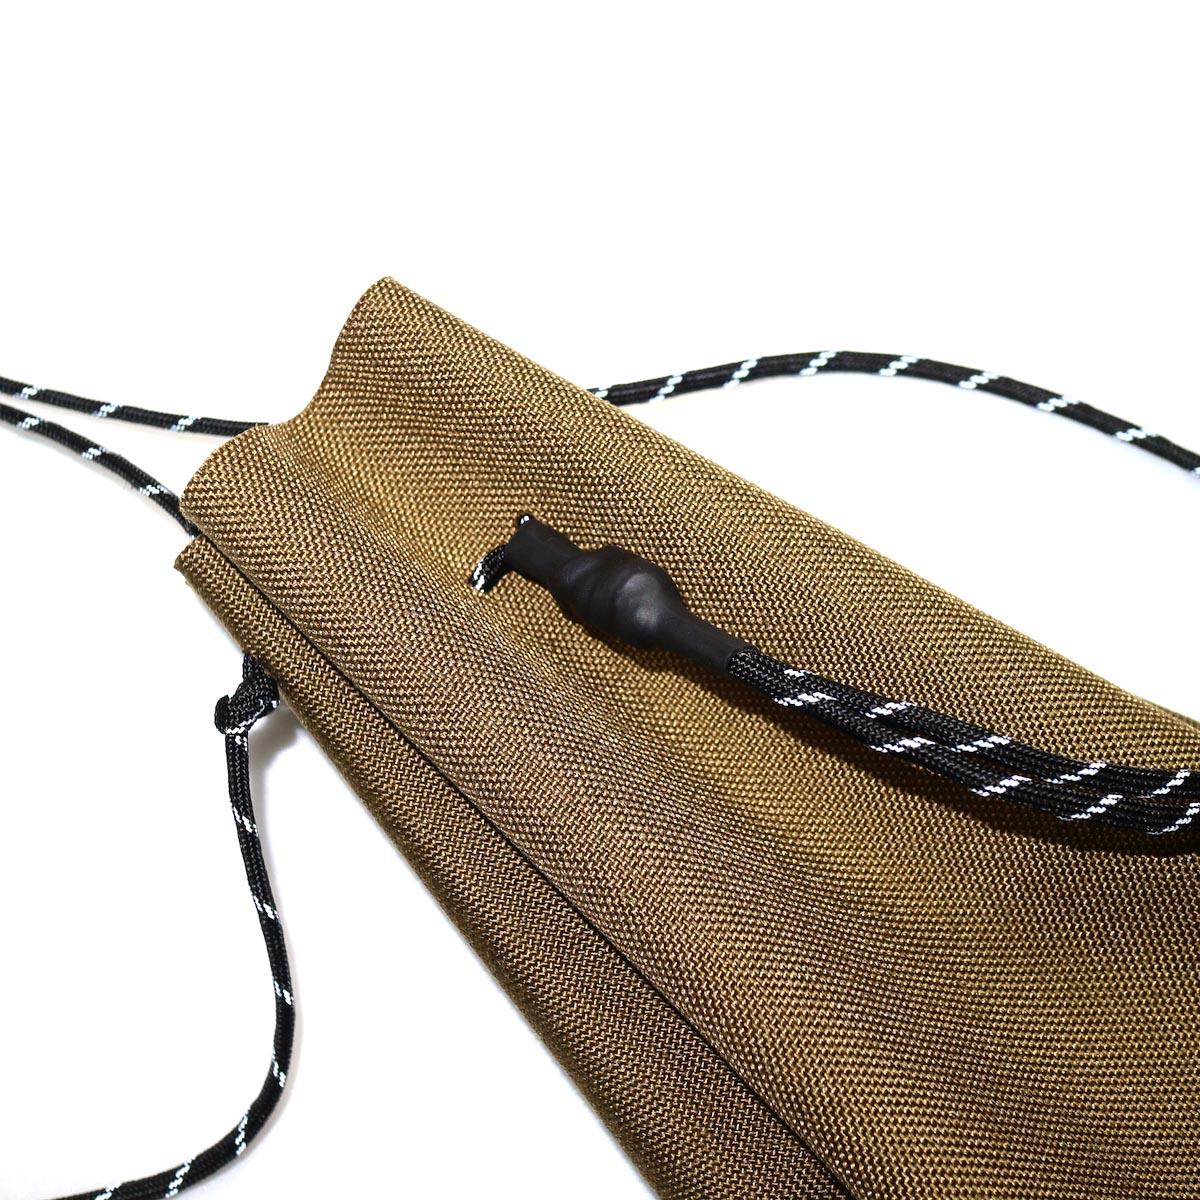 吉岡衣料店 / drawstring bag -S-. イメージ (coyote brown)